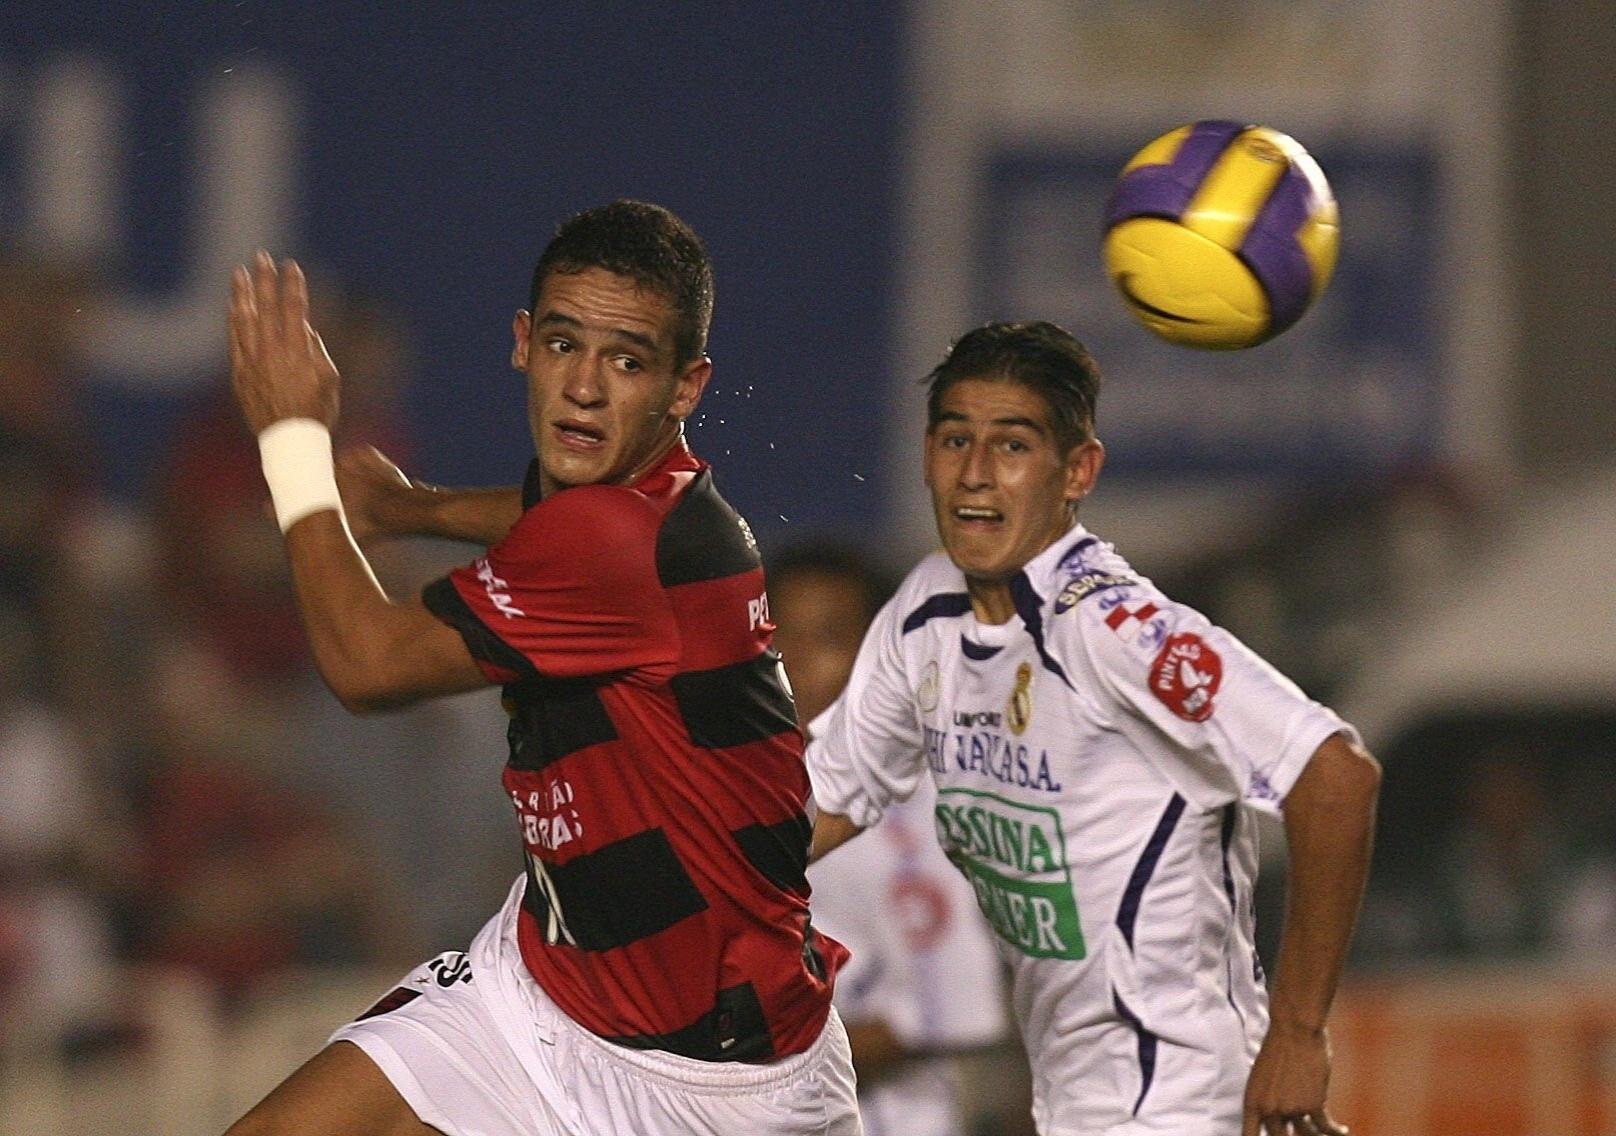 O meia Renato Augusto (à esquerda), do Flamengo, é marcado por Eguino durante a vitória por 1 a 0 sobre o Real Potosí, no estádio do Maracanã, no Rio de Janeiro, em 2007